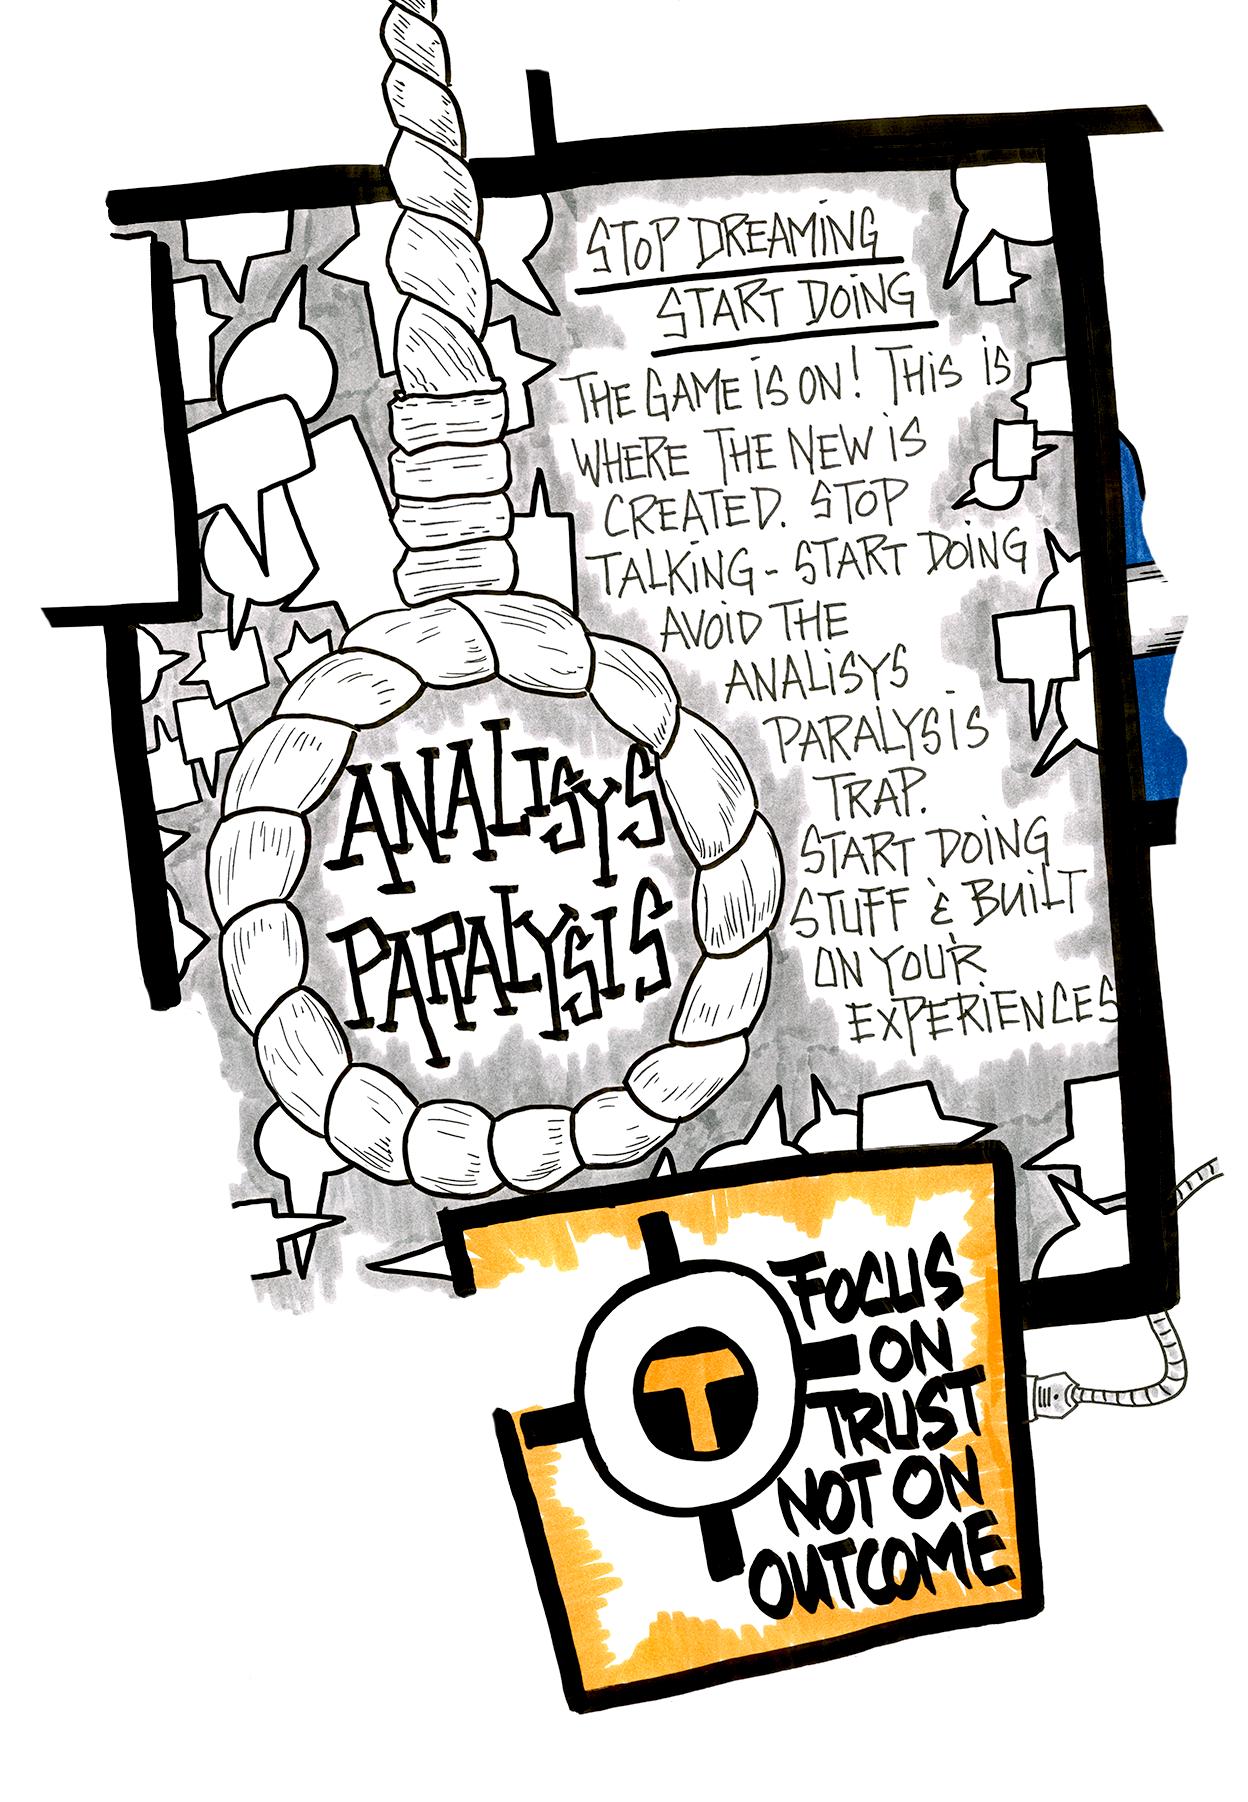 9-analisys paralysis.png